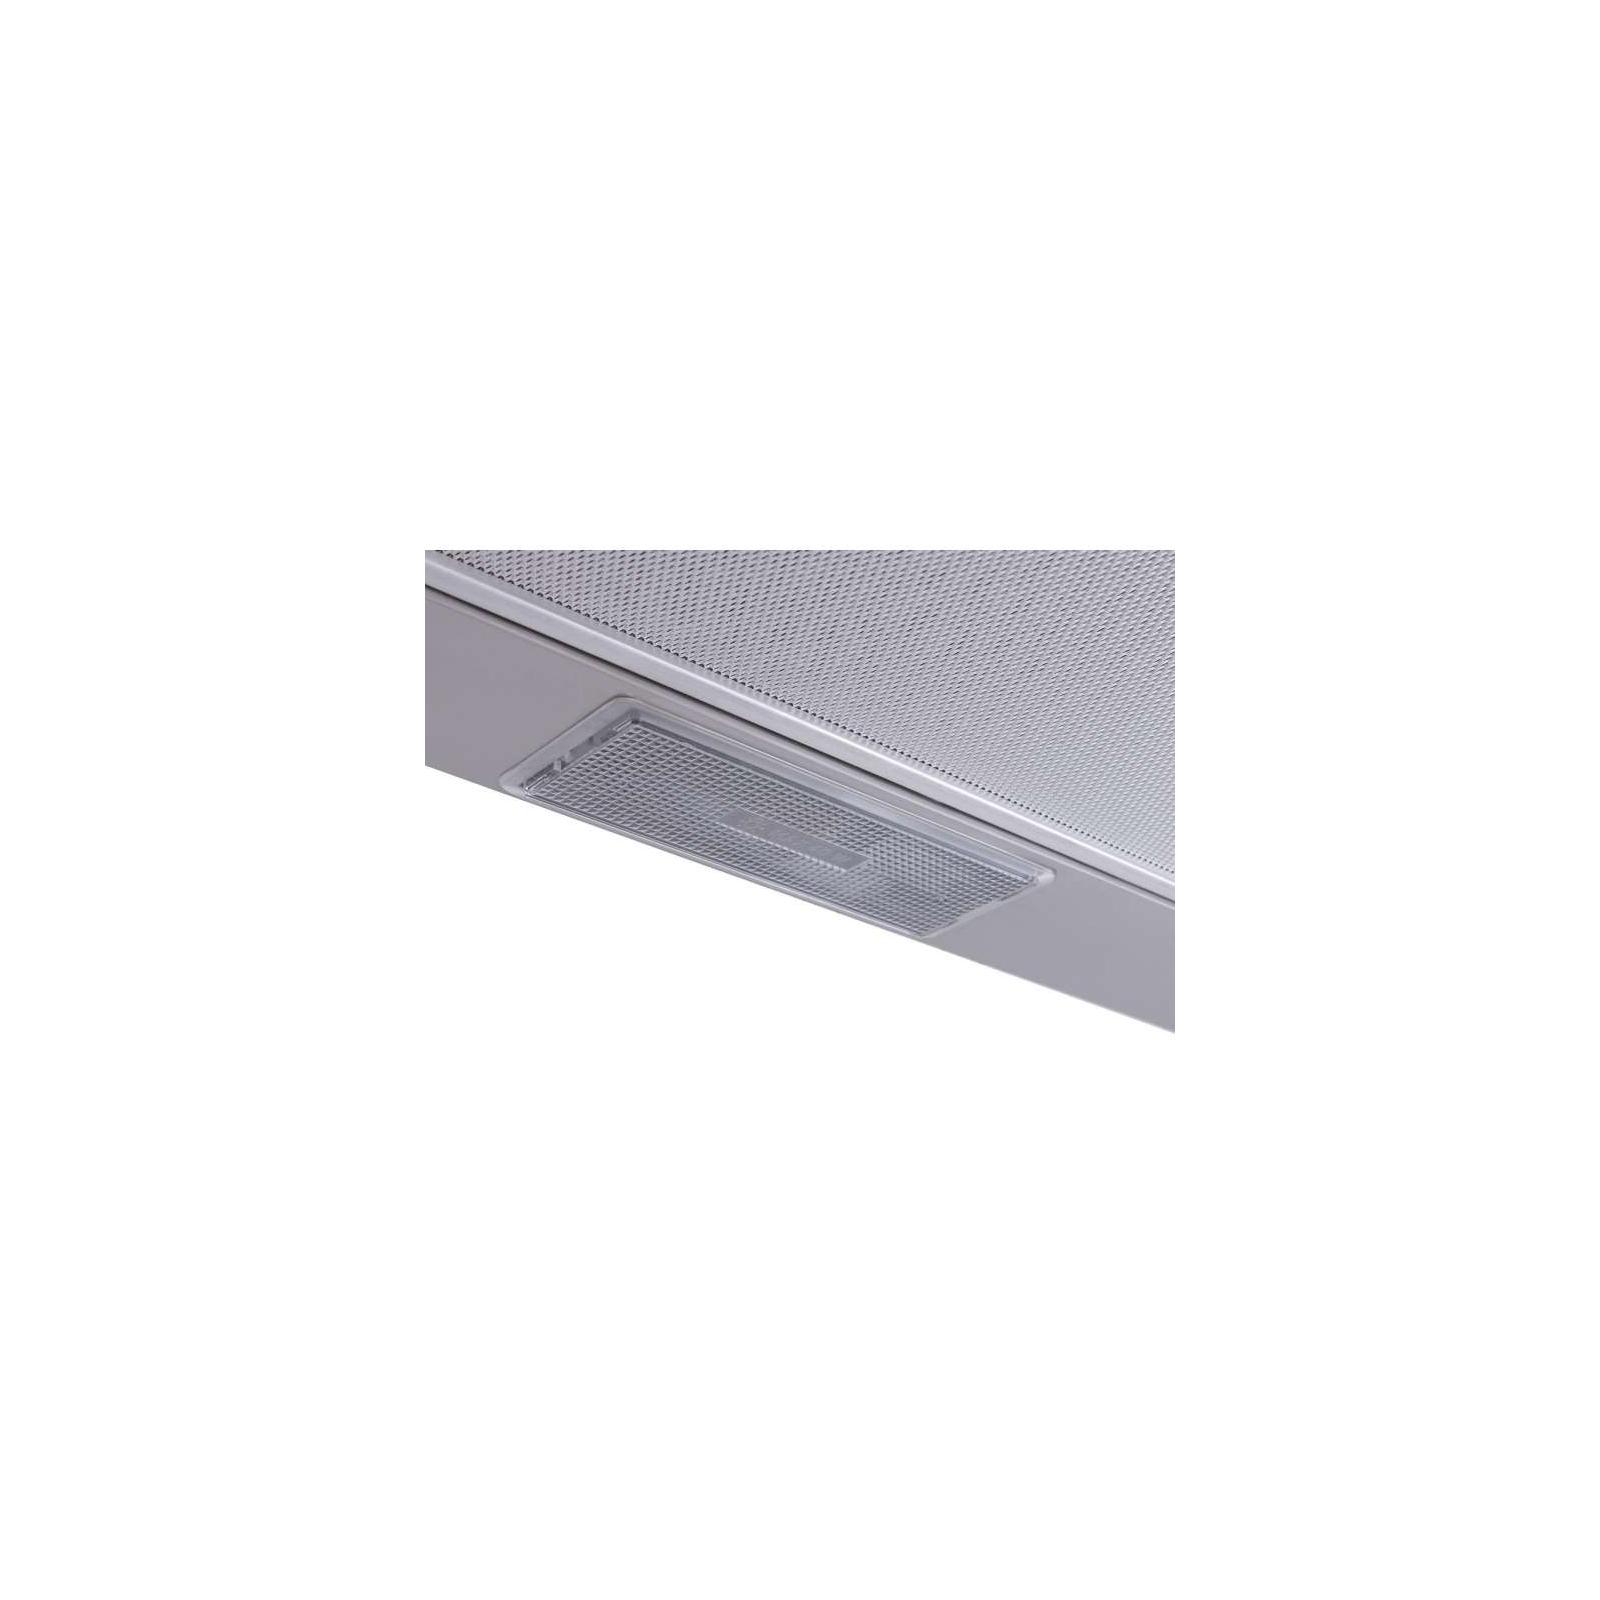 Вытяжка кухонная Ventolux GARDA 50 WH (700) SLIM изображение 5